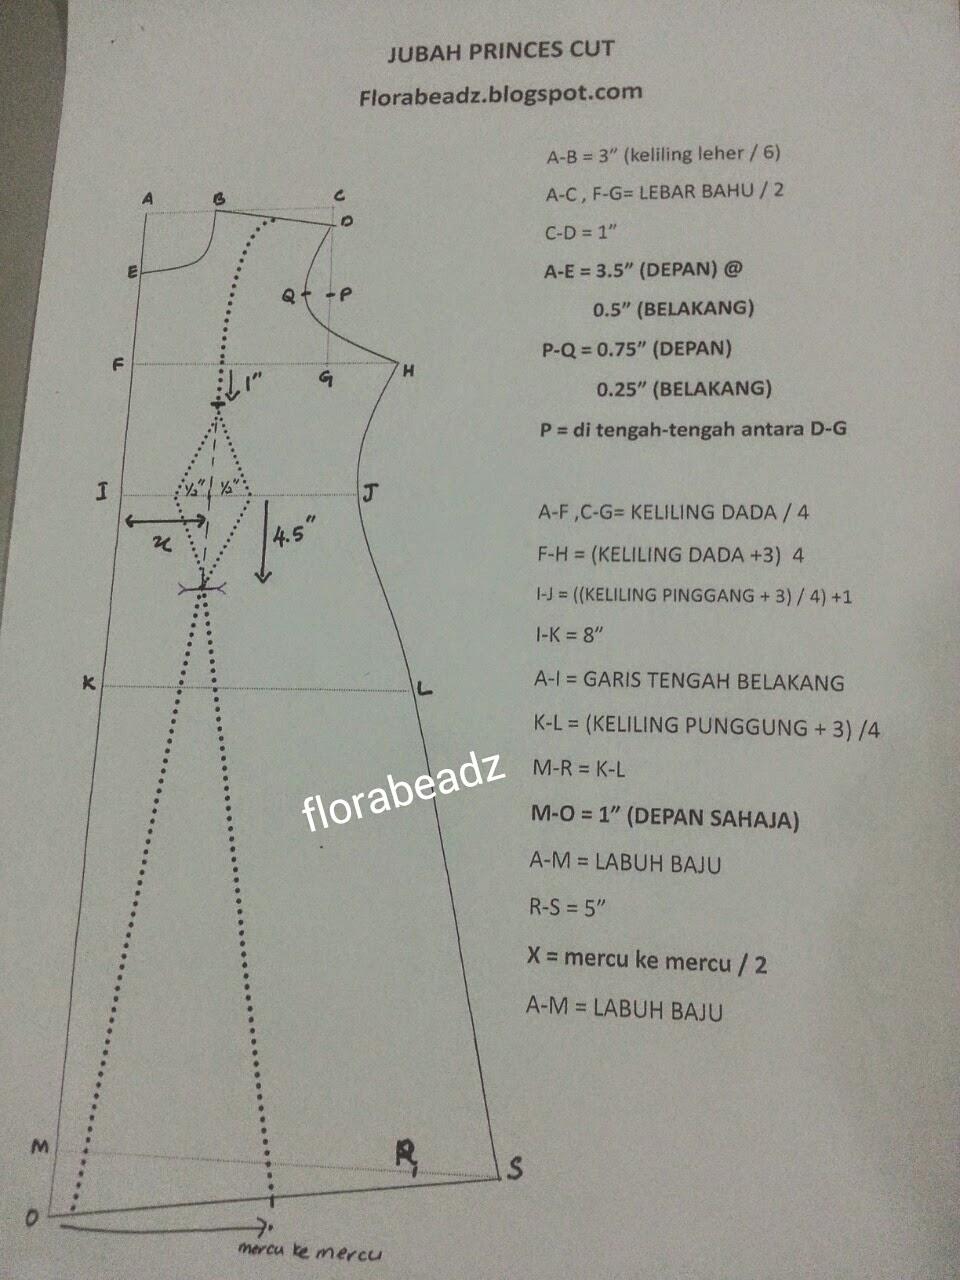 Cara Buat Pola Jubah Princess Cut | apexwallpapers.com